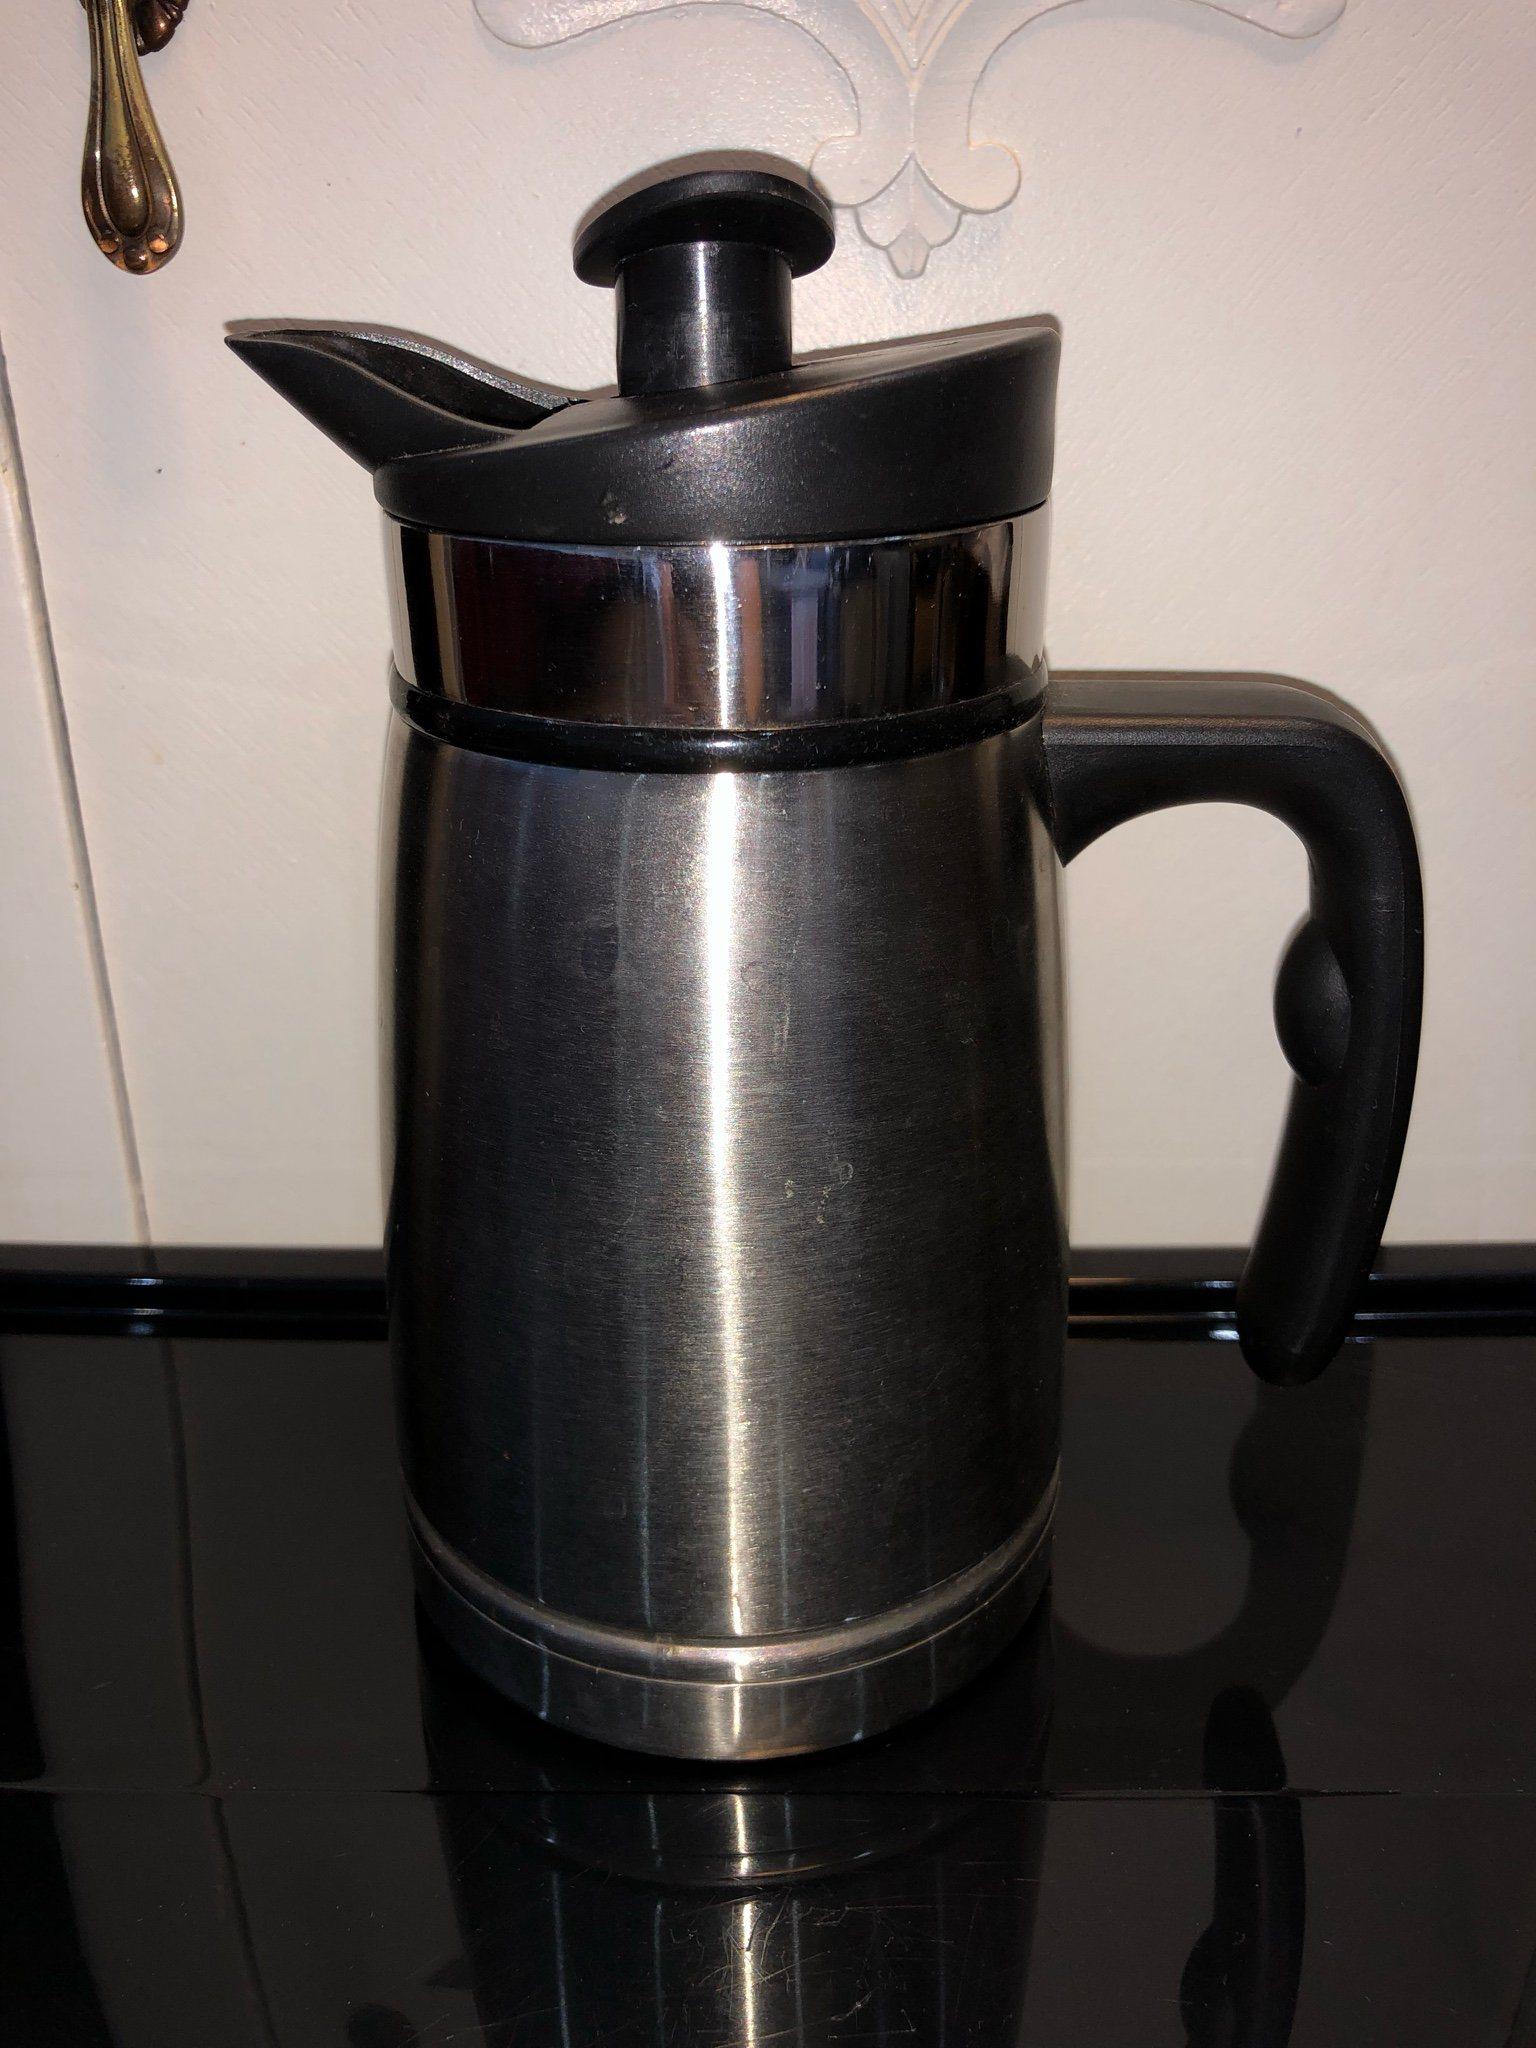 kaffe till presskanna